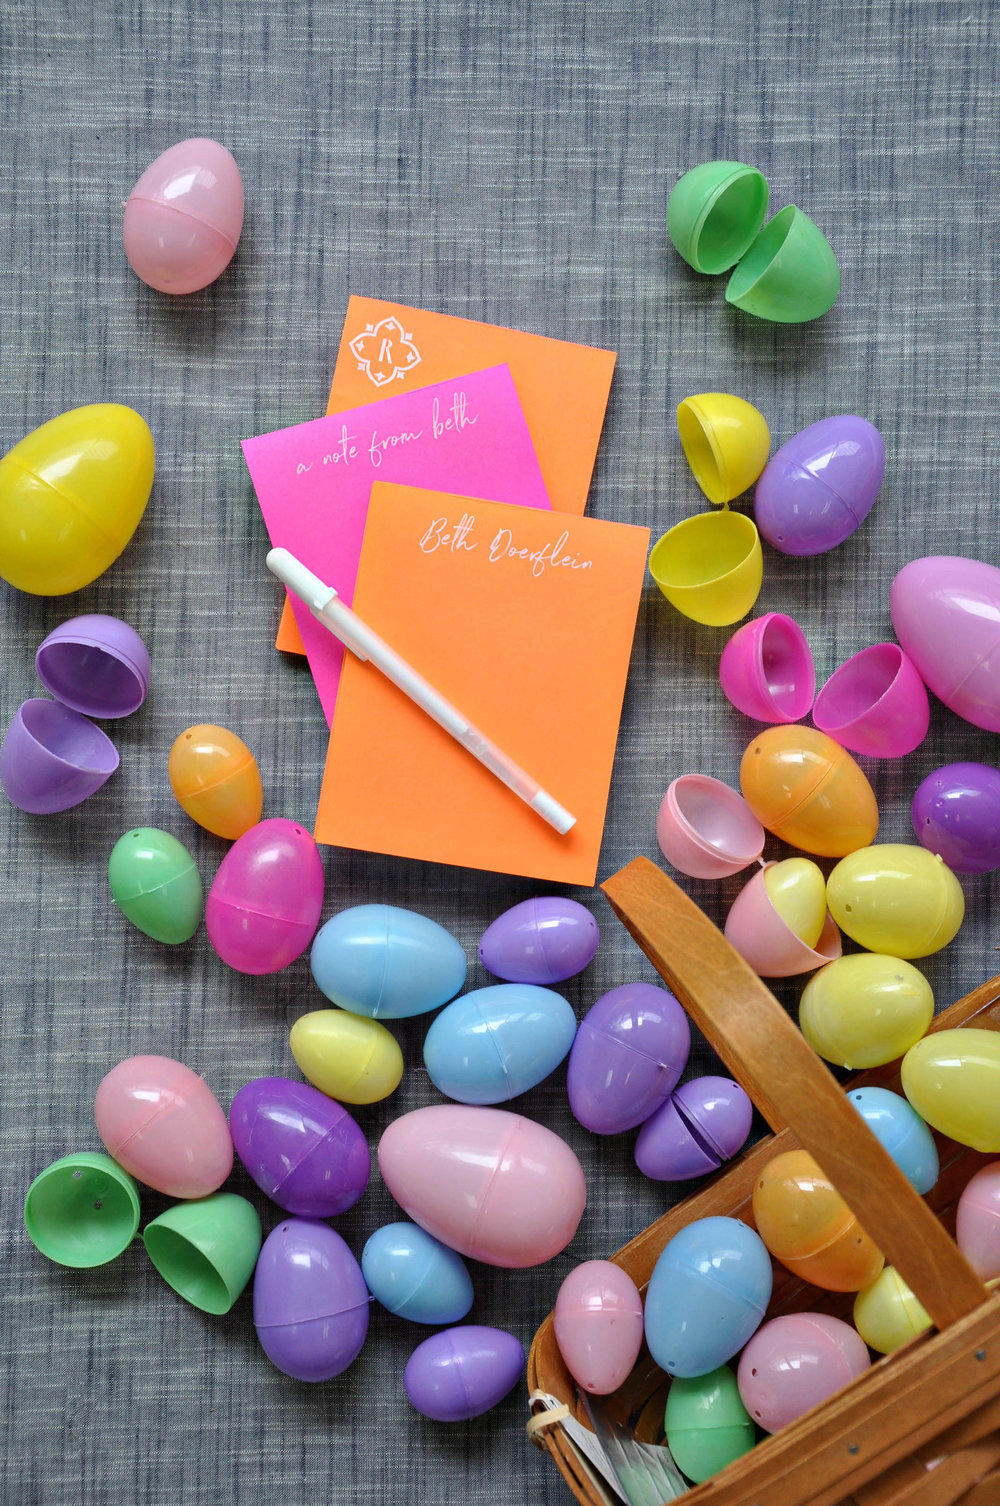 WoB_Easter_HautePapier.jpg